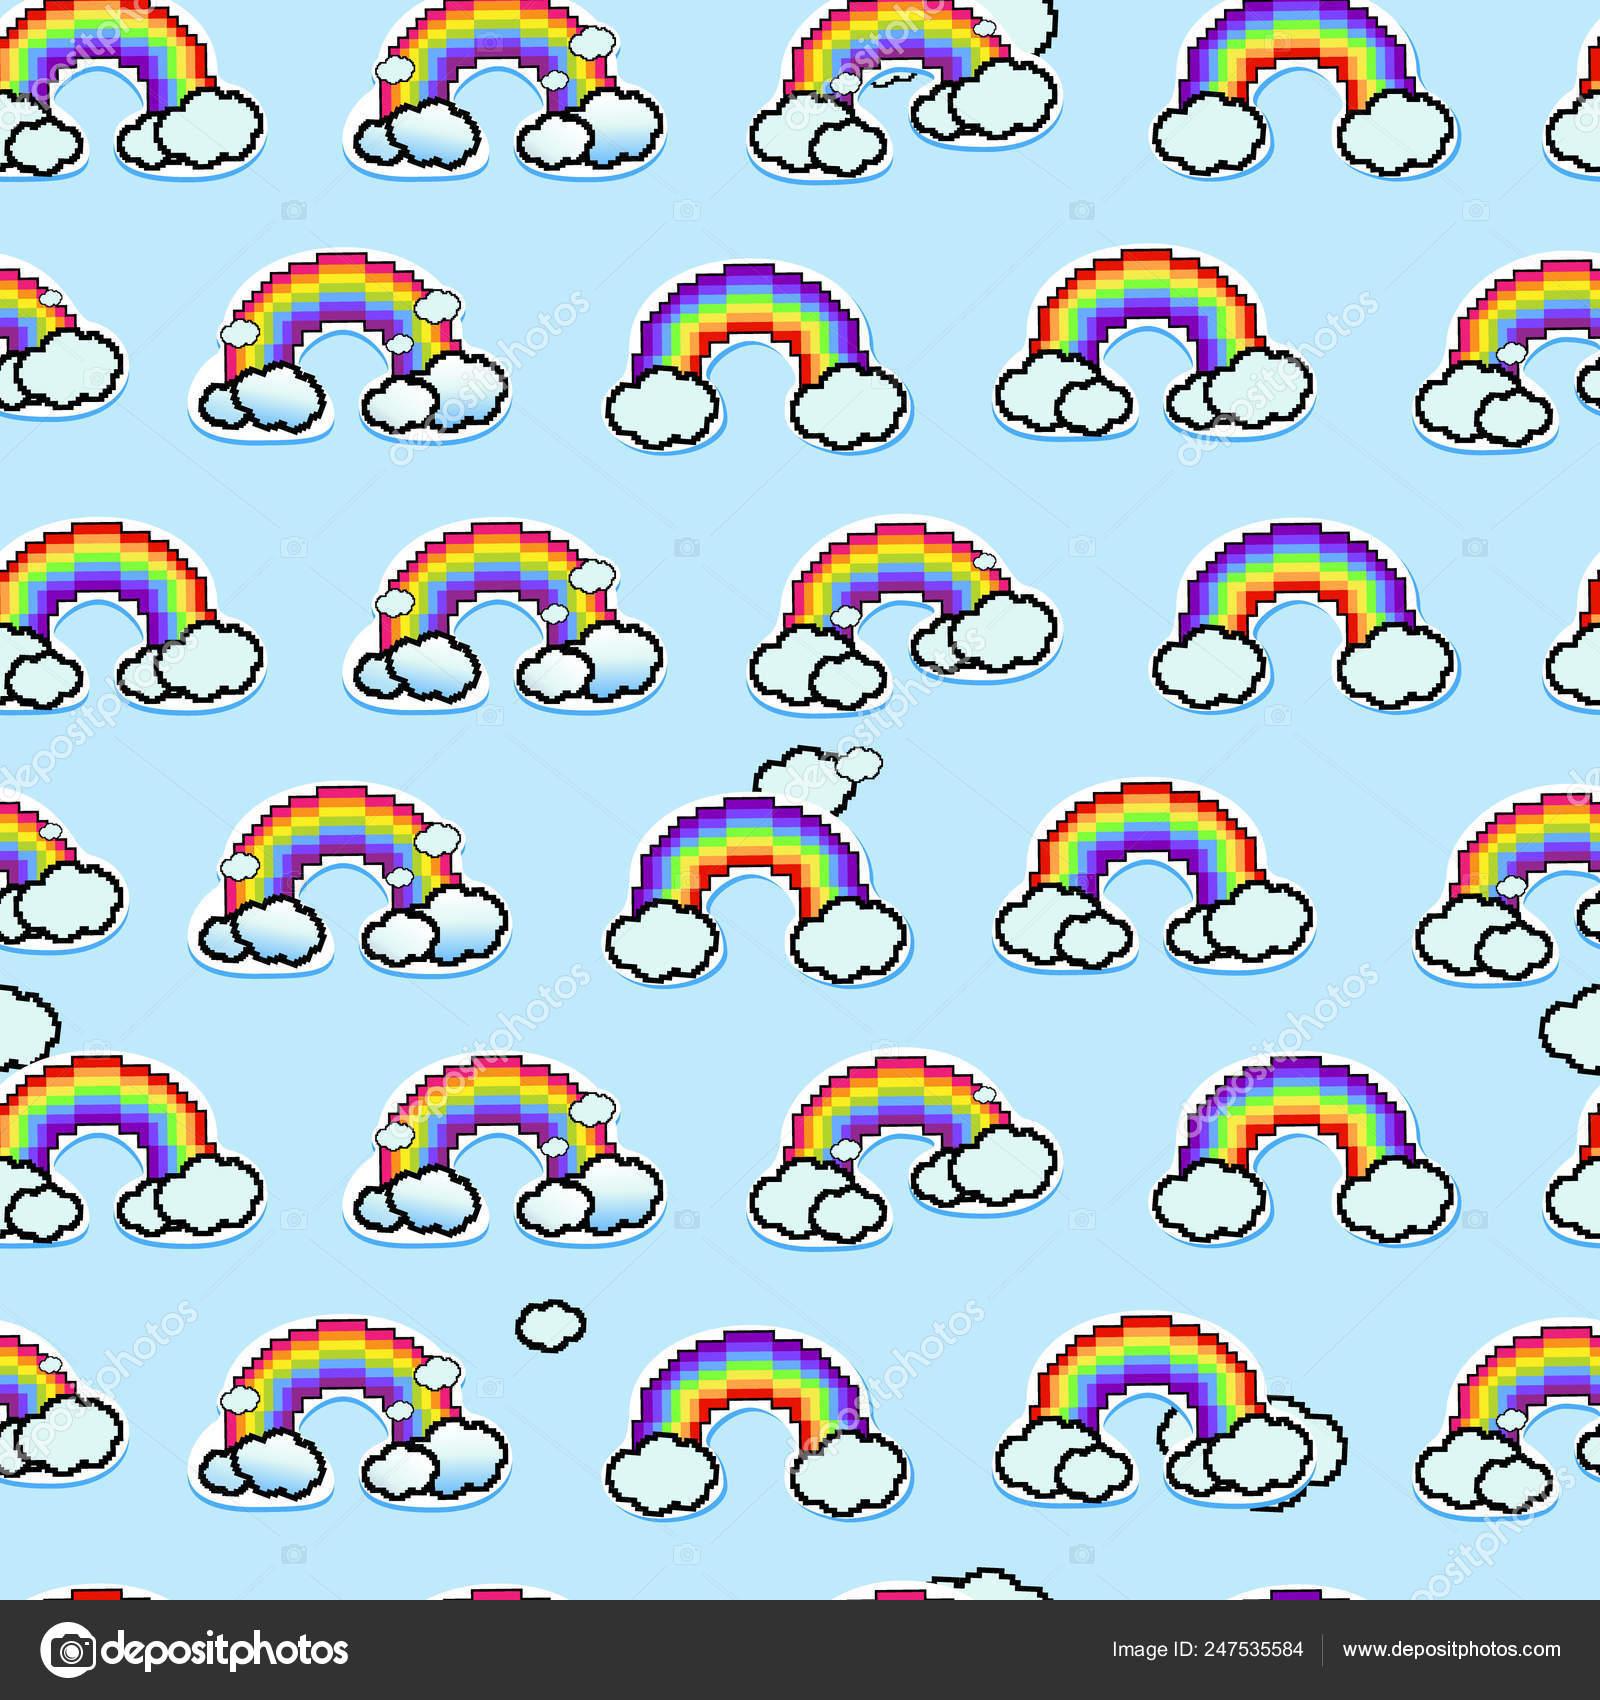 Modèle Sans Soudure Arc Ciel Arc Ciel Nuages Icône Pixel